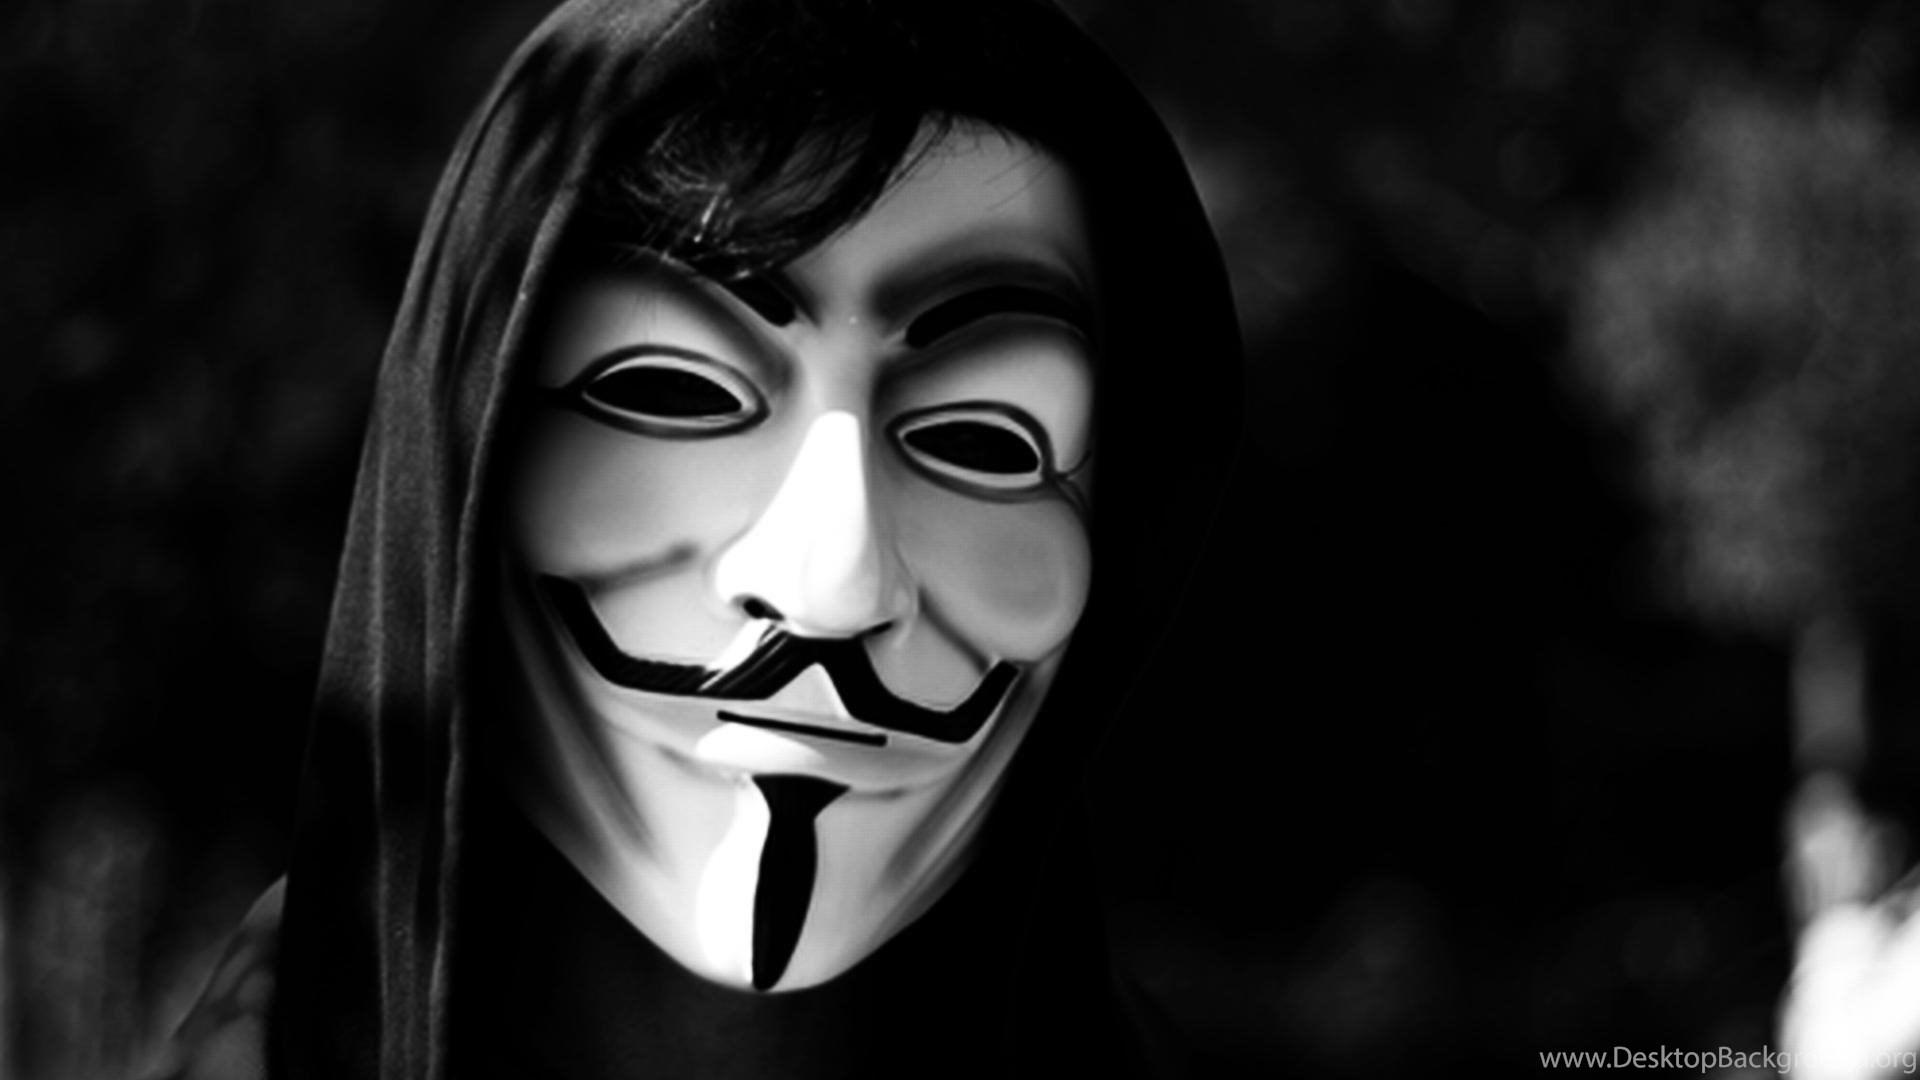 Anonymous V For Vendetta Masks Monochrome Wallpapers Desktop Background